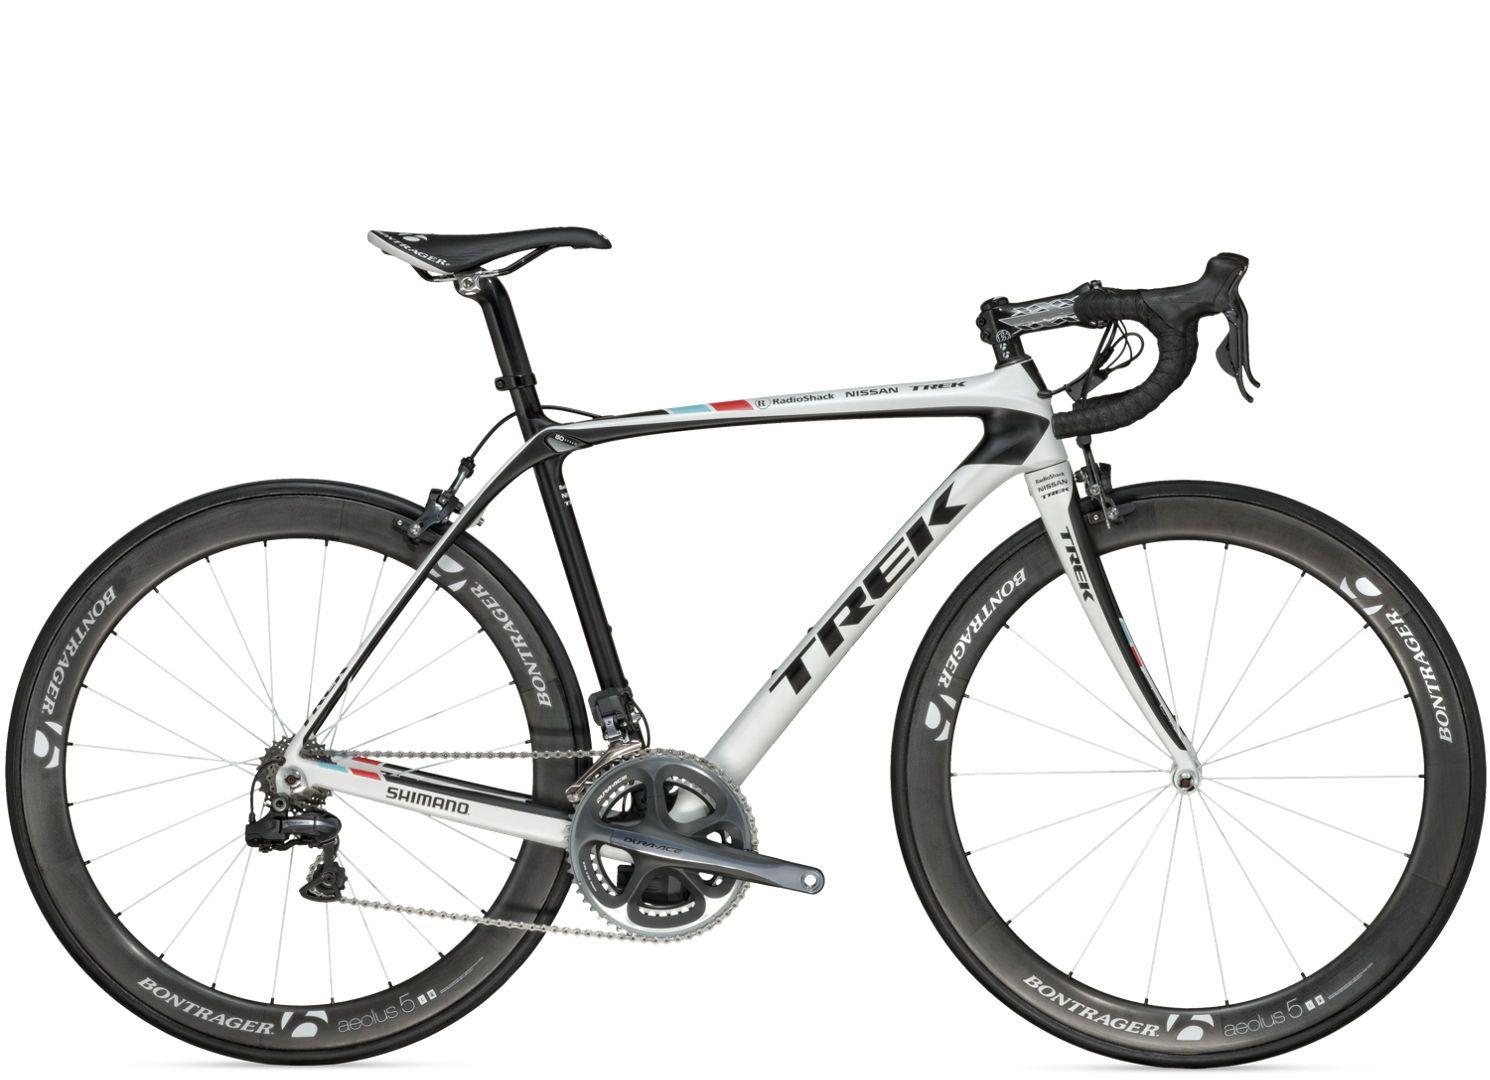 Trek Domane 6 Team Edition 9 219 Bicicletas Trek Bicicleta Dibujo